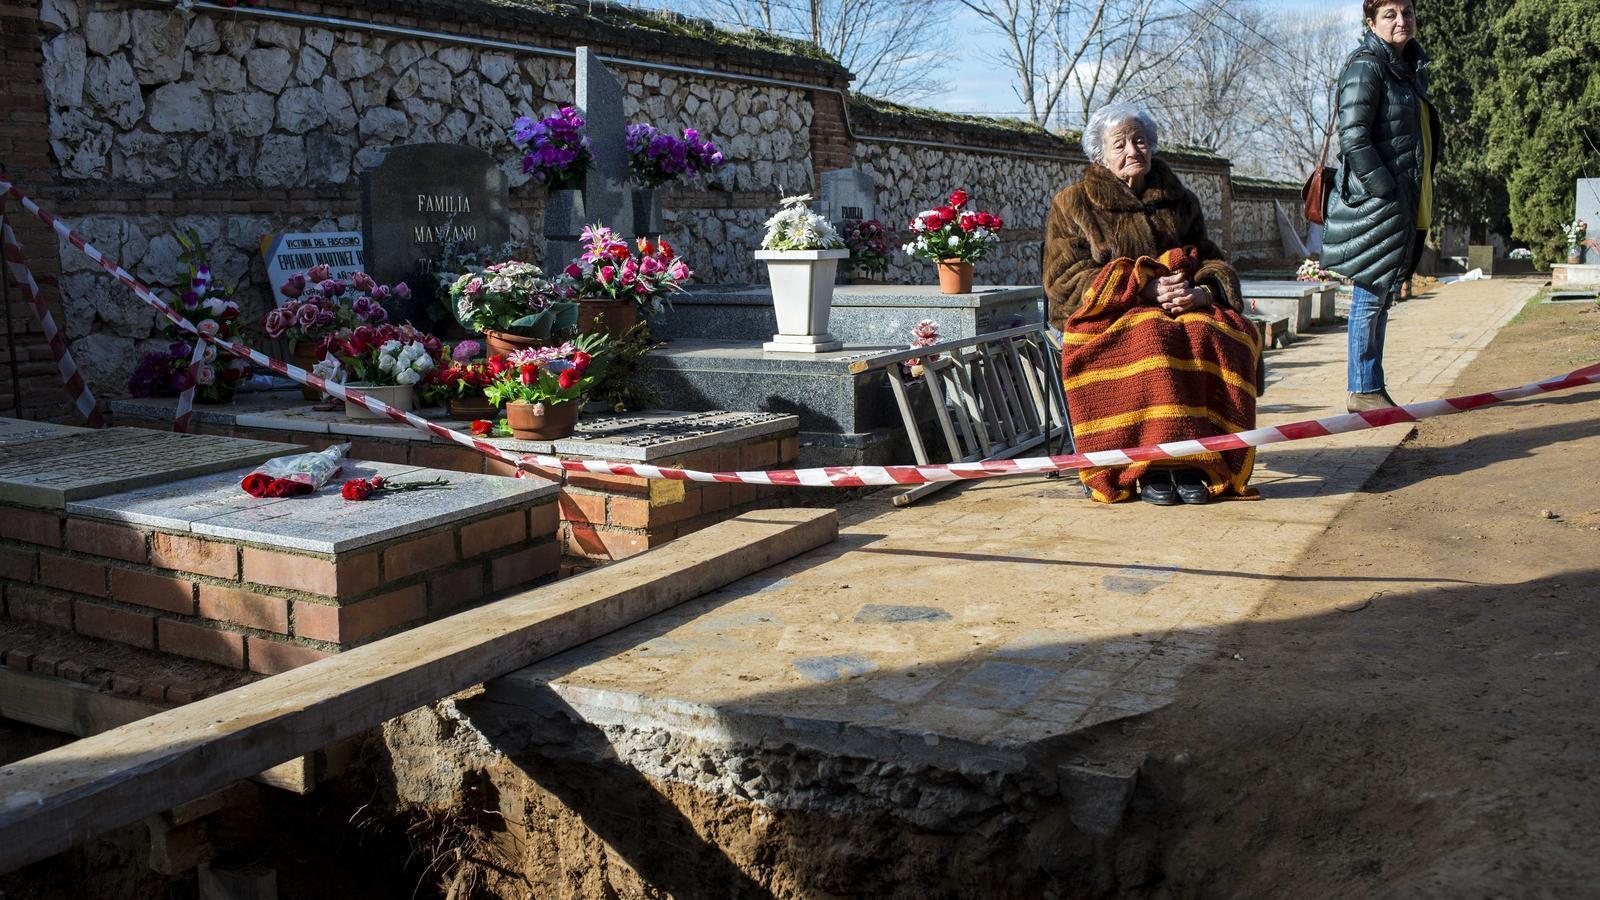 Ascención Mendieta amb la seva filla davant la tomba del seu pare, líder de la UGT i executat el 16 de novembre del 1939 al cementiri de Guadalajara. Va ser un dels 822 executats entre el 1939 i el 1944 en aquest cementiri